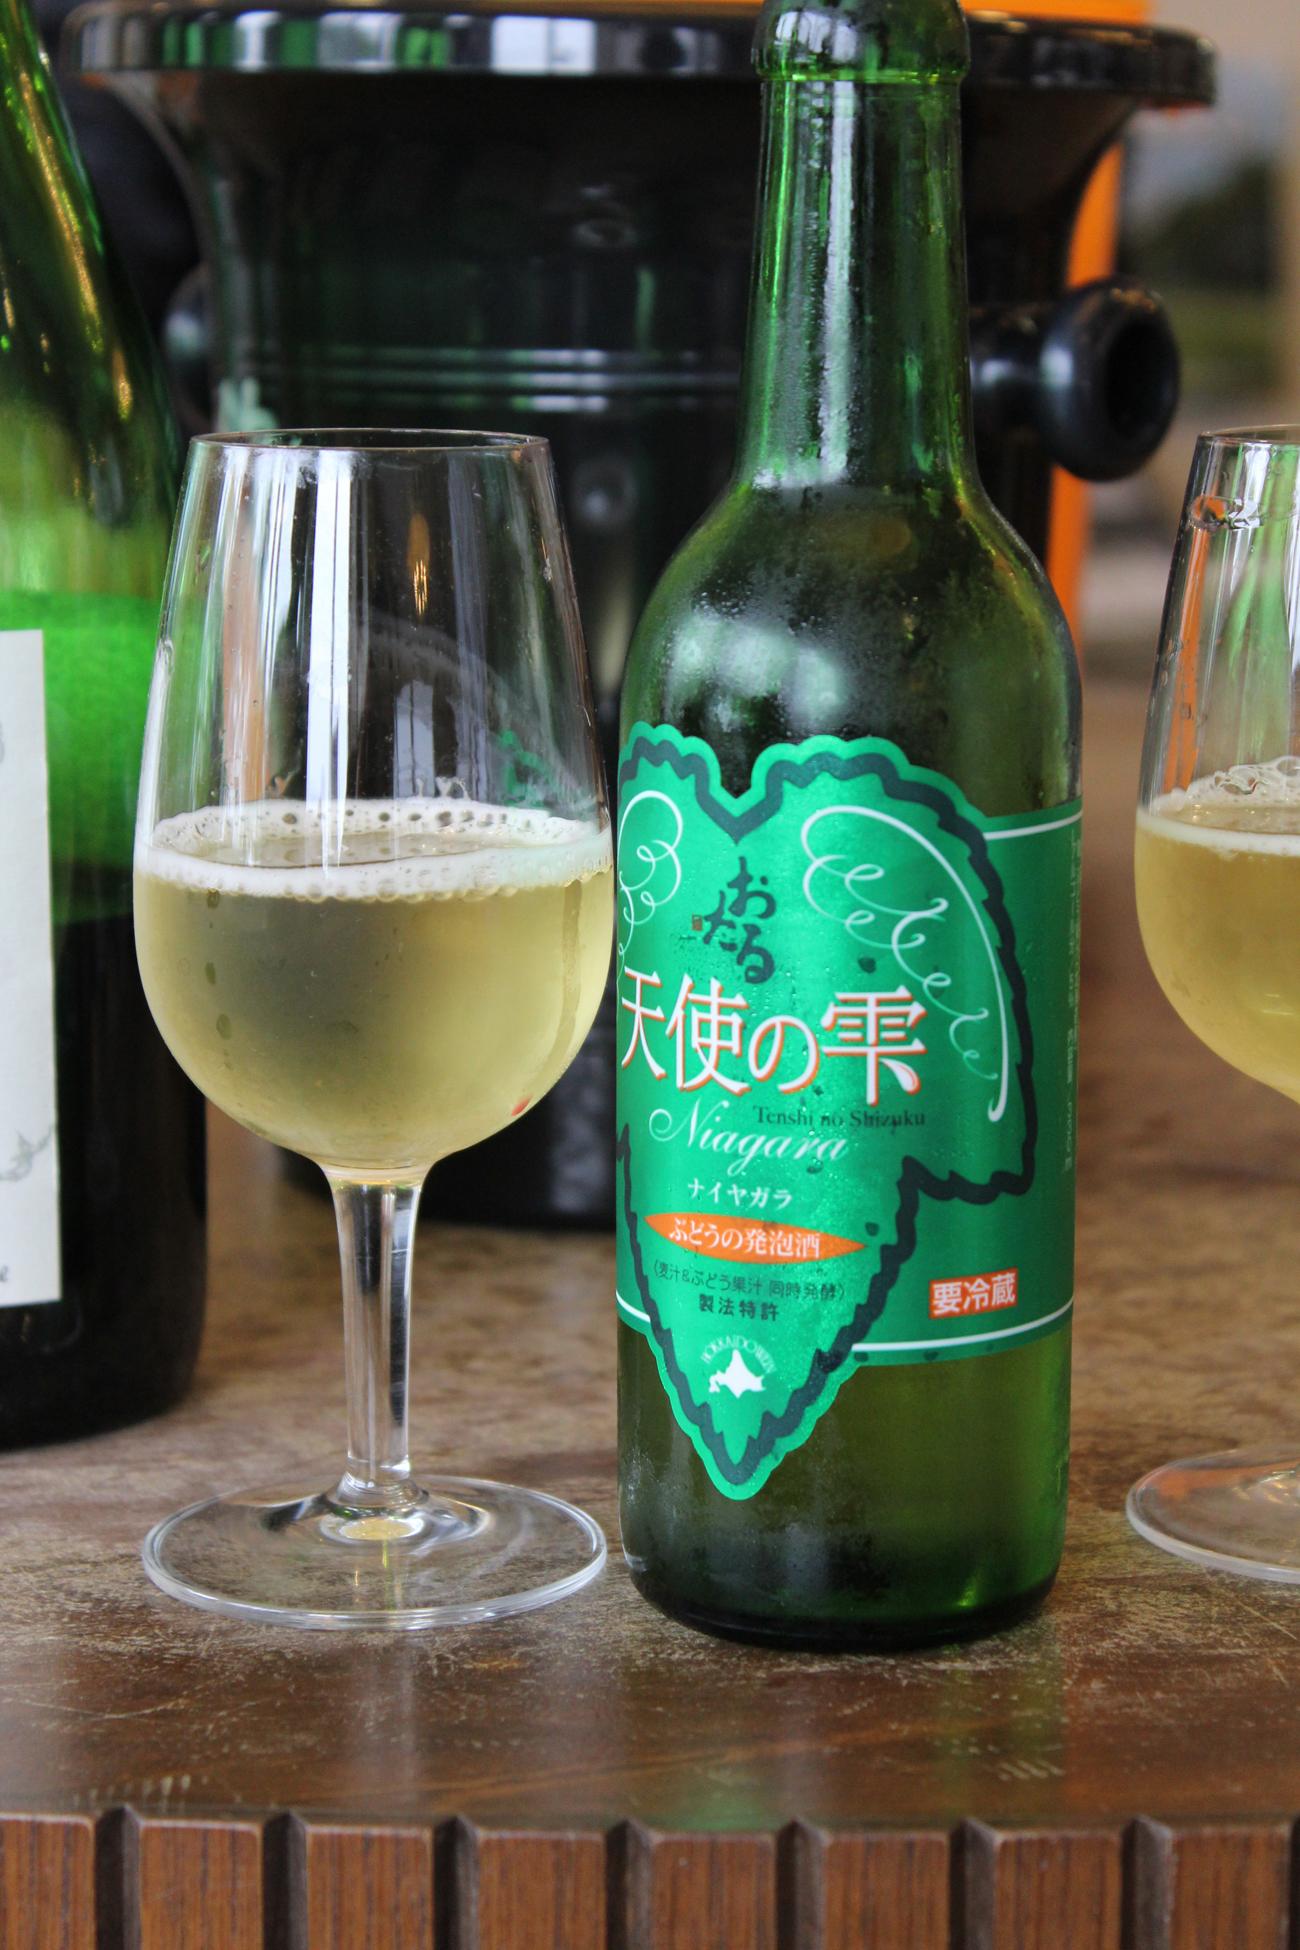 ワイン+日本酒+ビール、の新感覚飲料